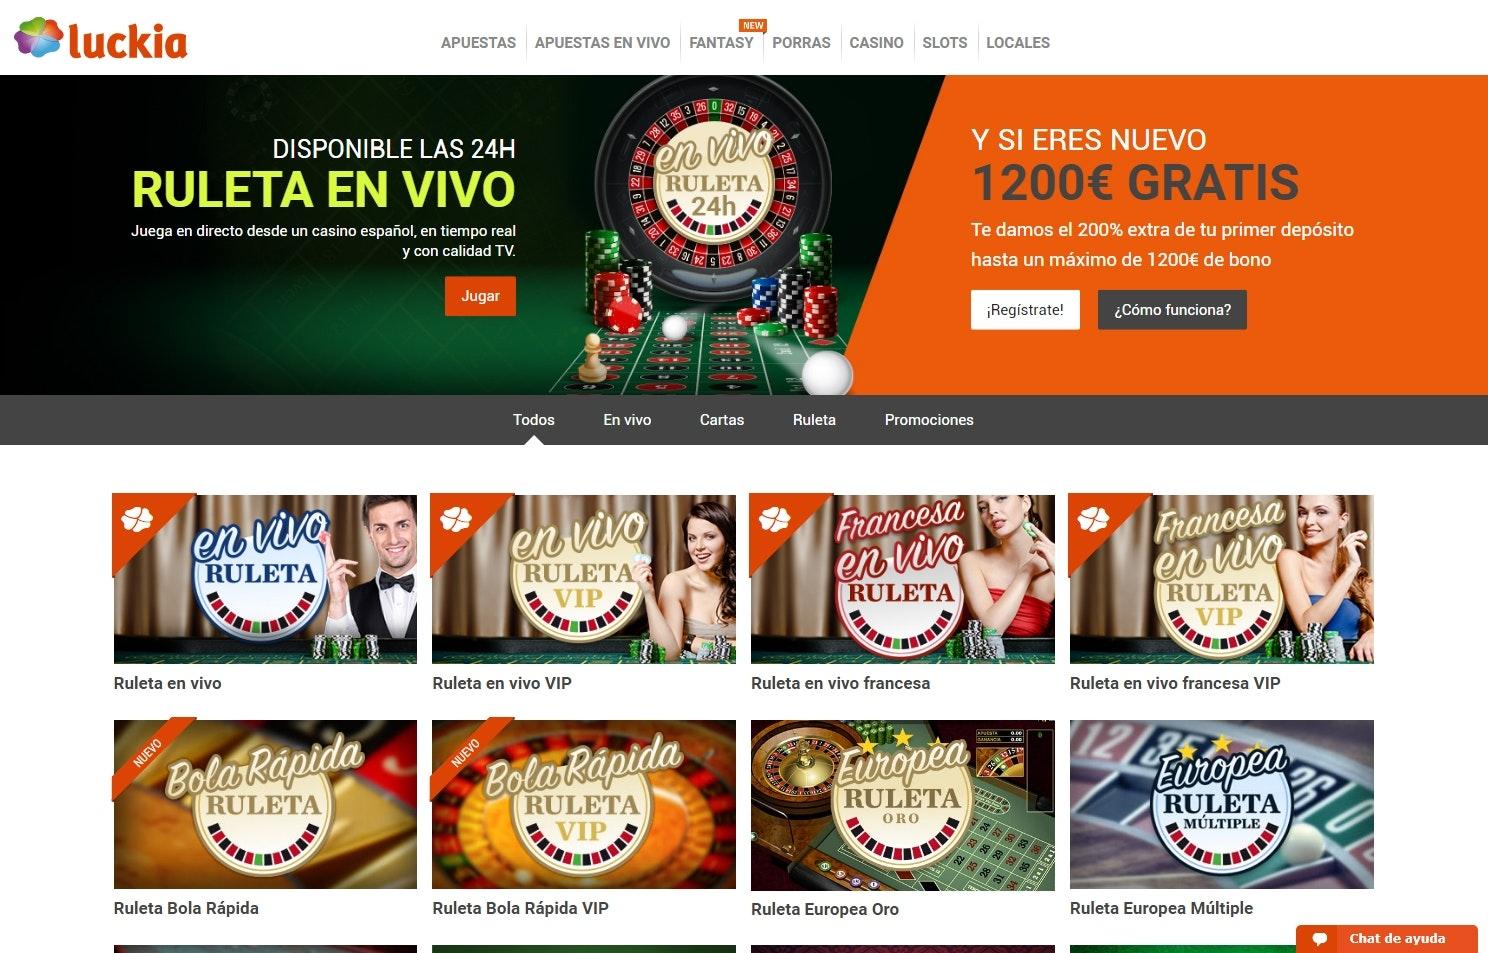 Promociones para jugadores latinos luckia apuestas entrar - 77286